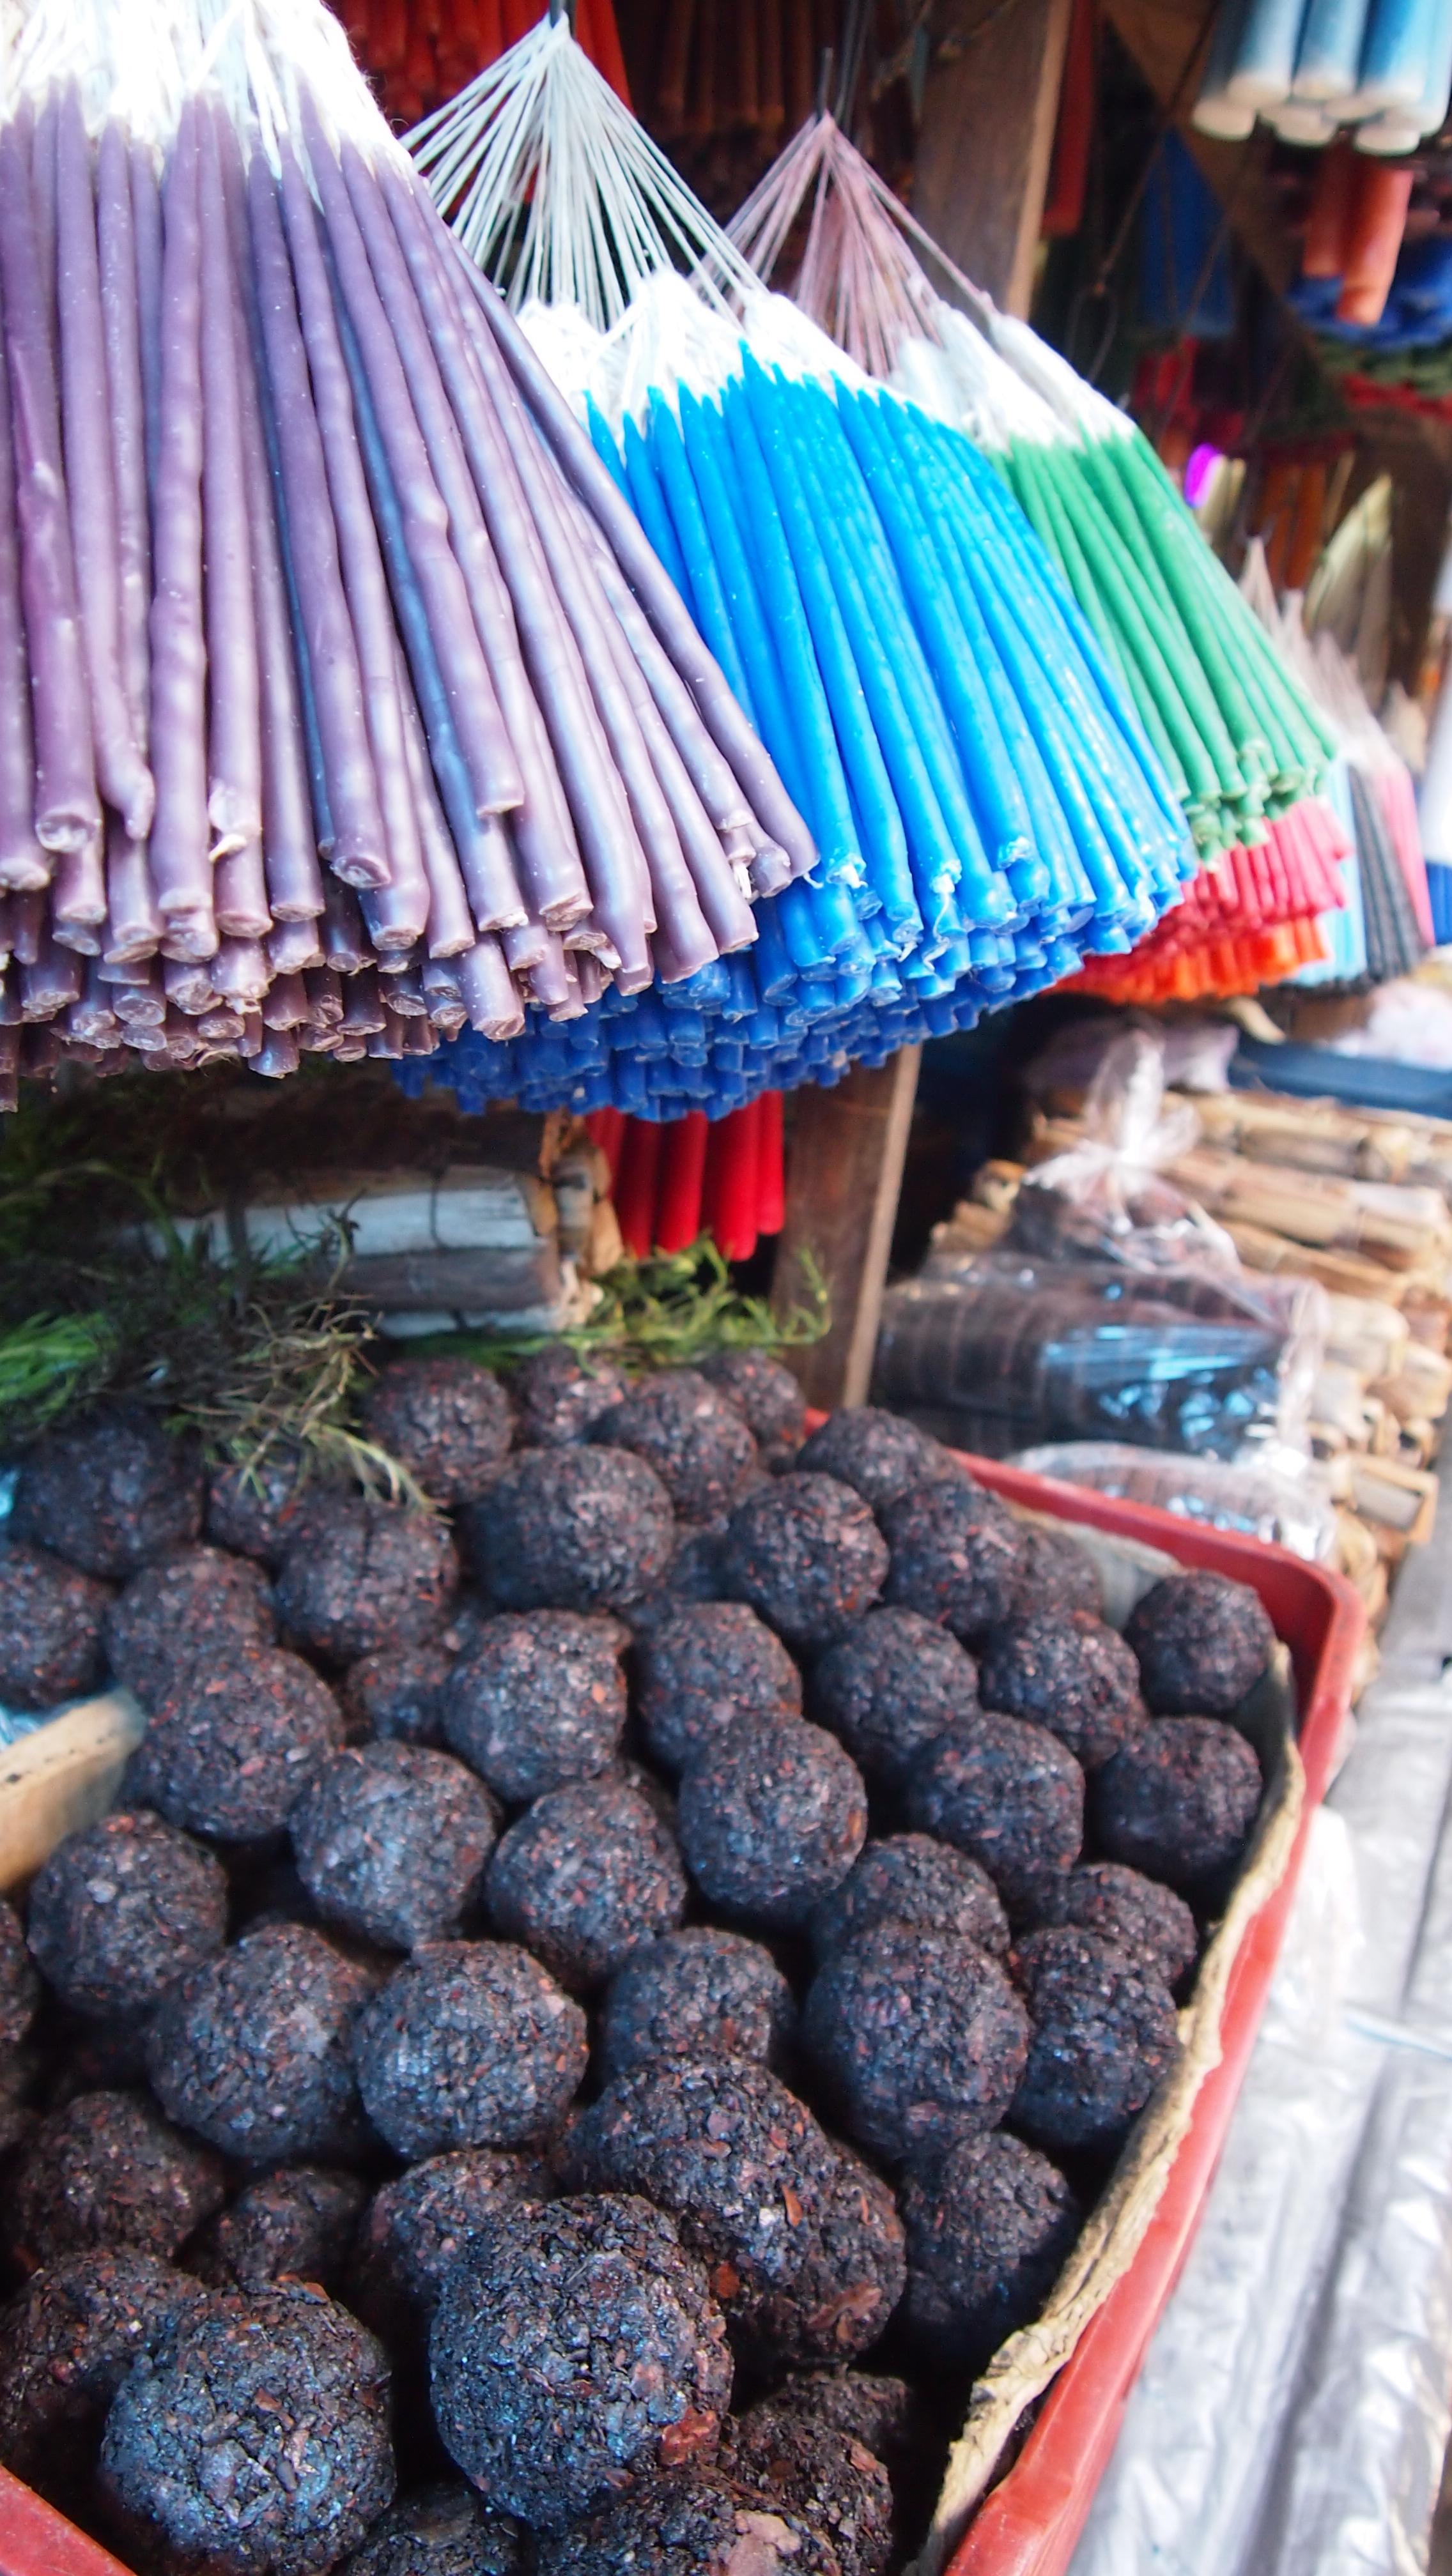 Copal en mercado chichicastenango.JPG